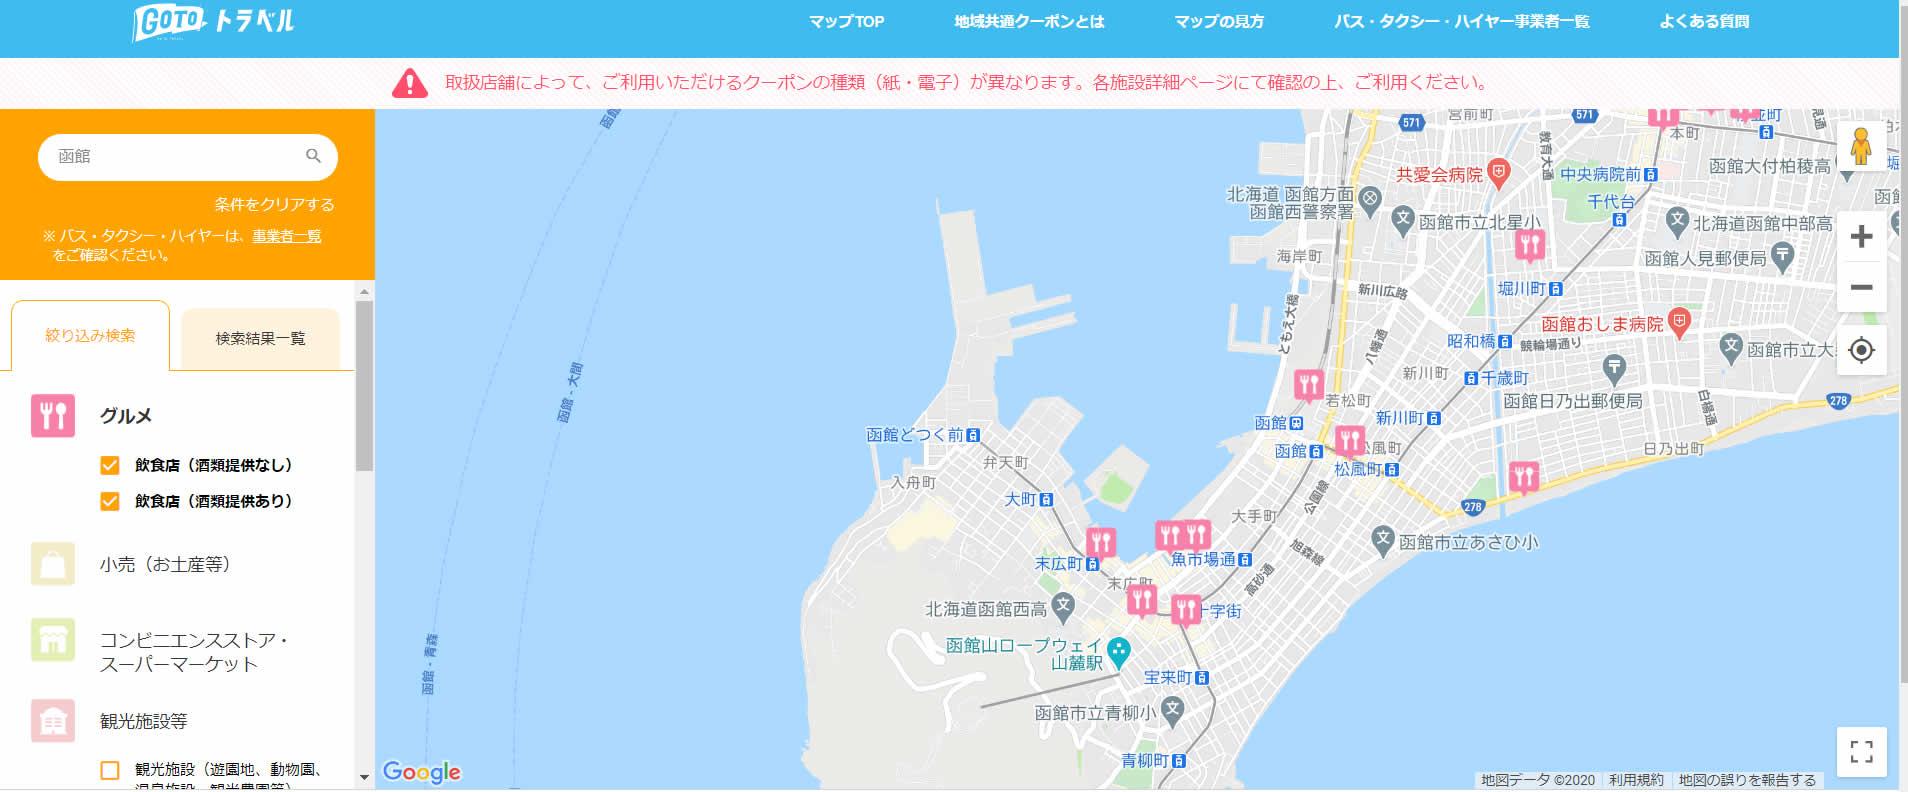 地域共通クーポン MAP 函館 グルメ